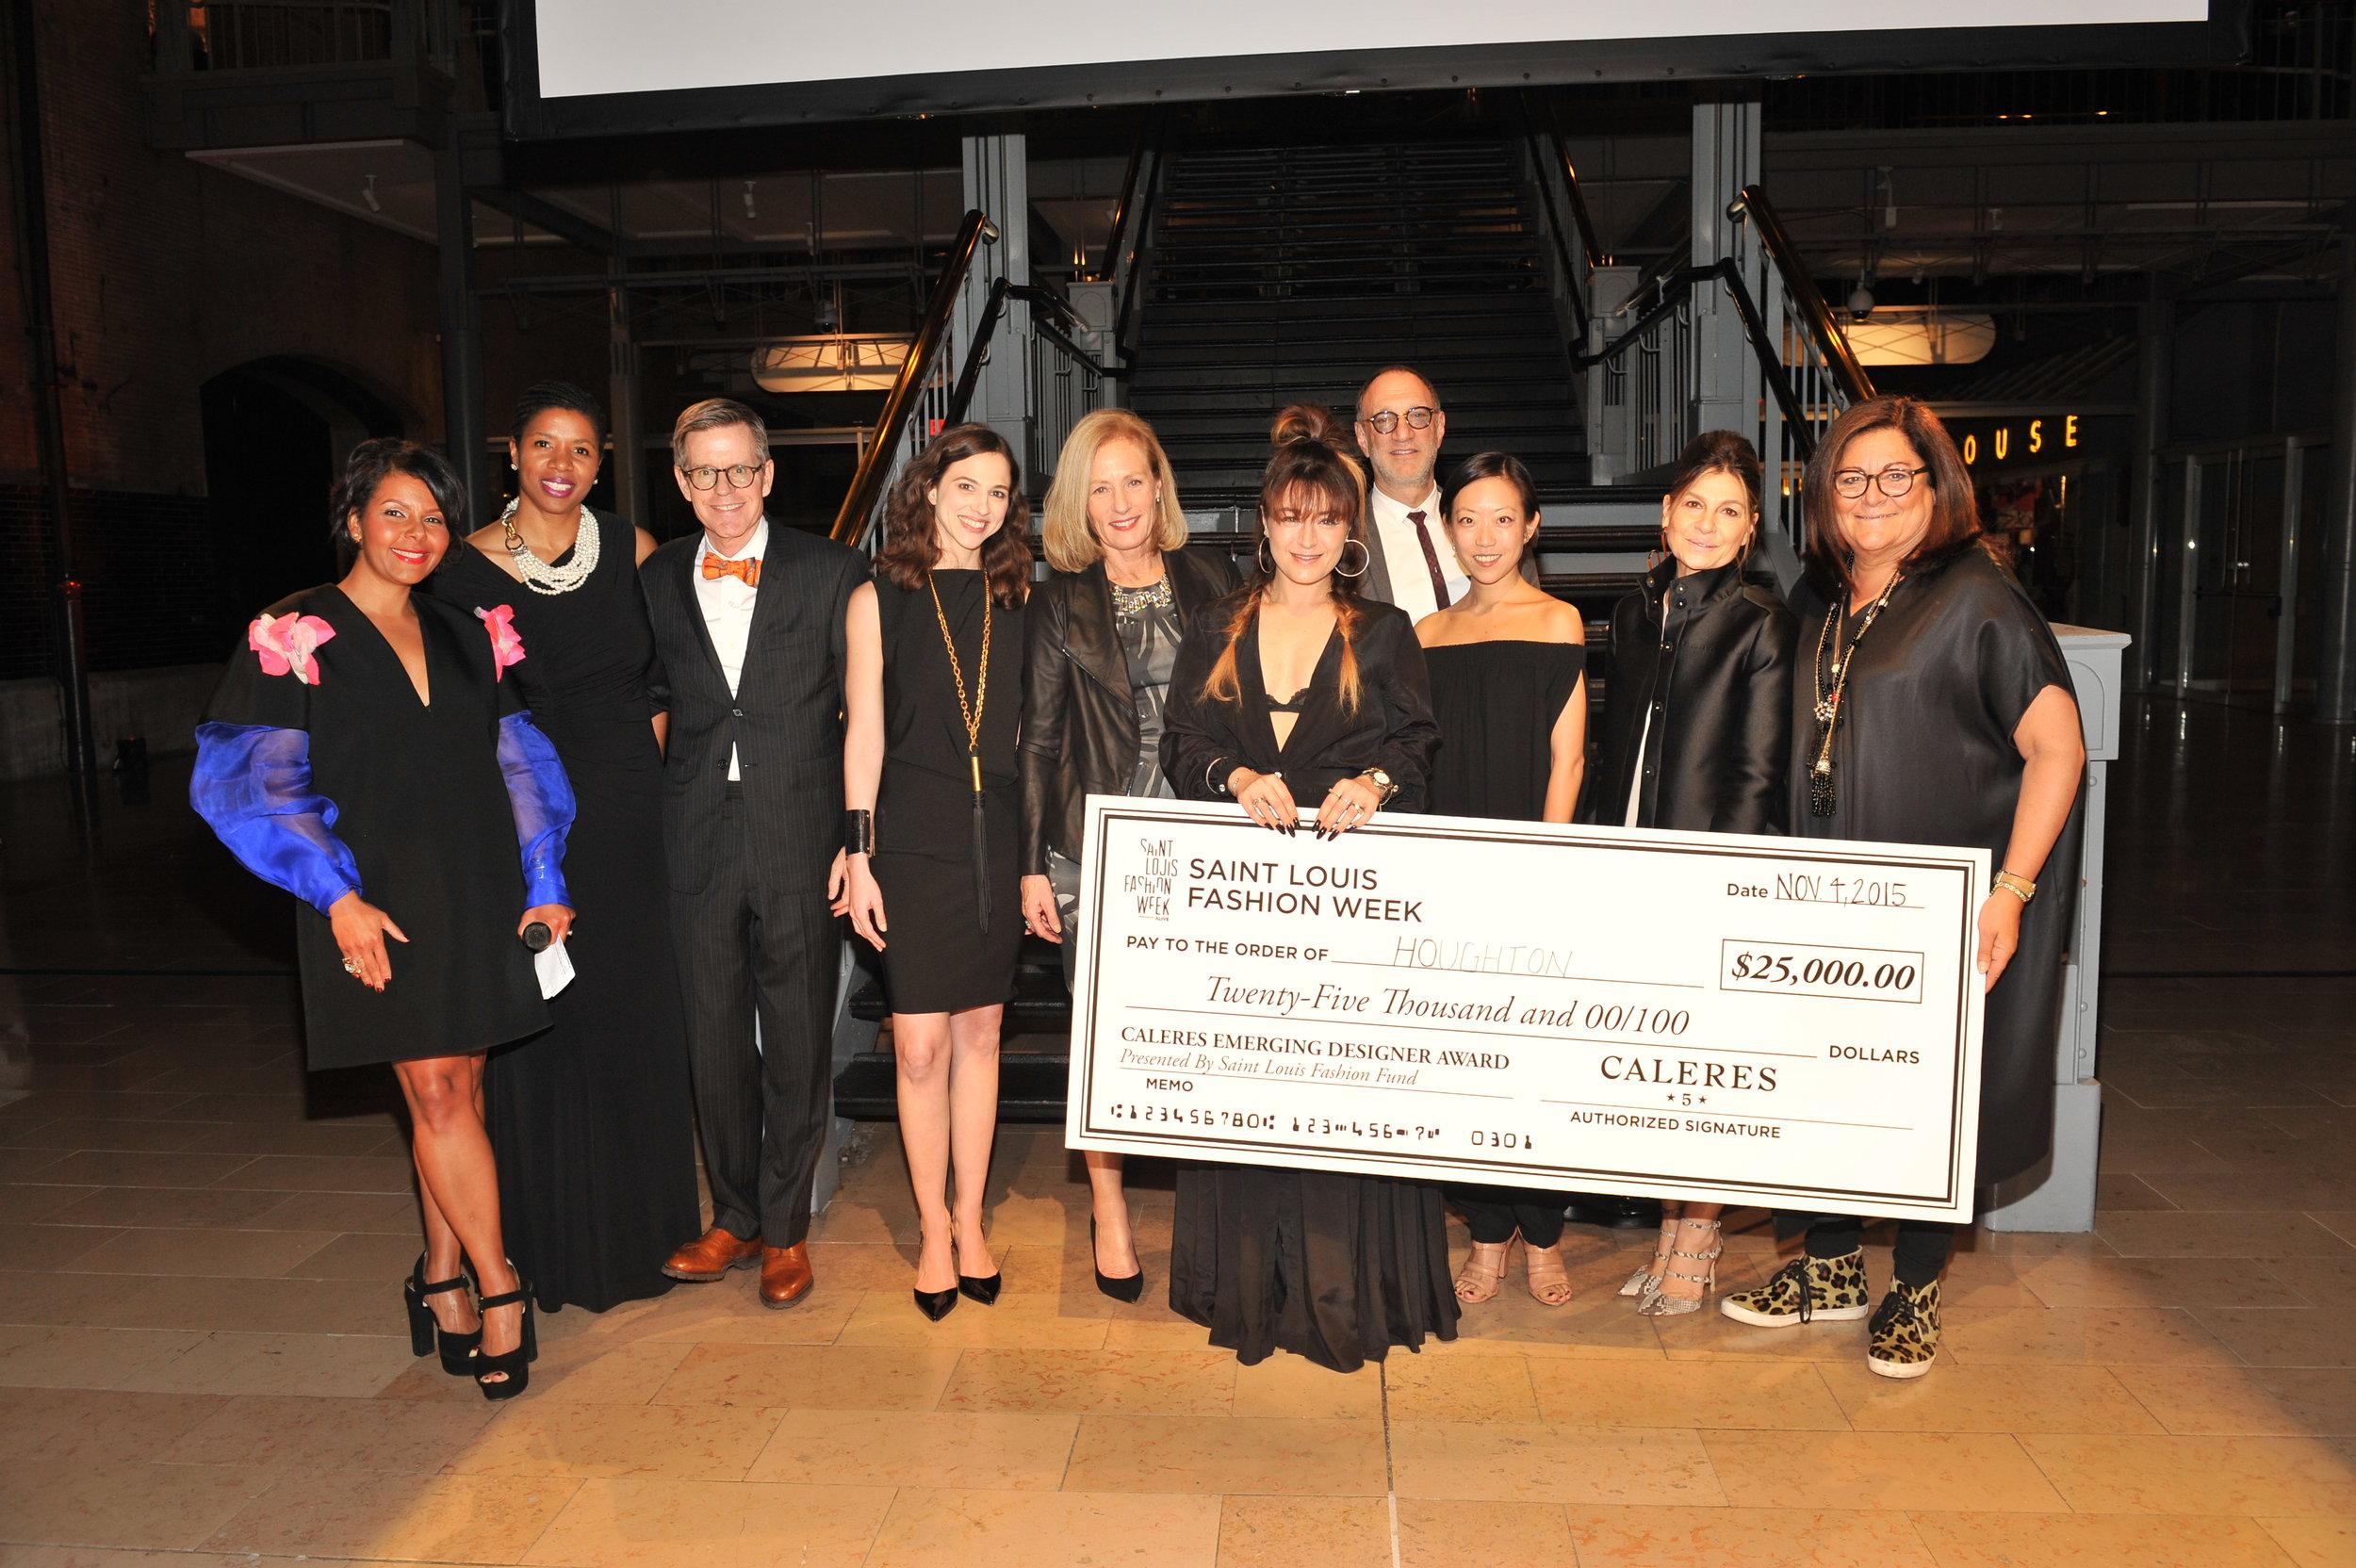 Caleres Emerging Designer Award - Saint Louis Fashion Fund